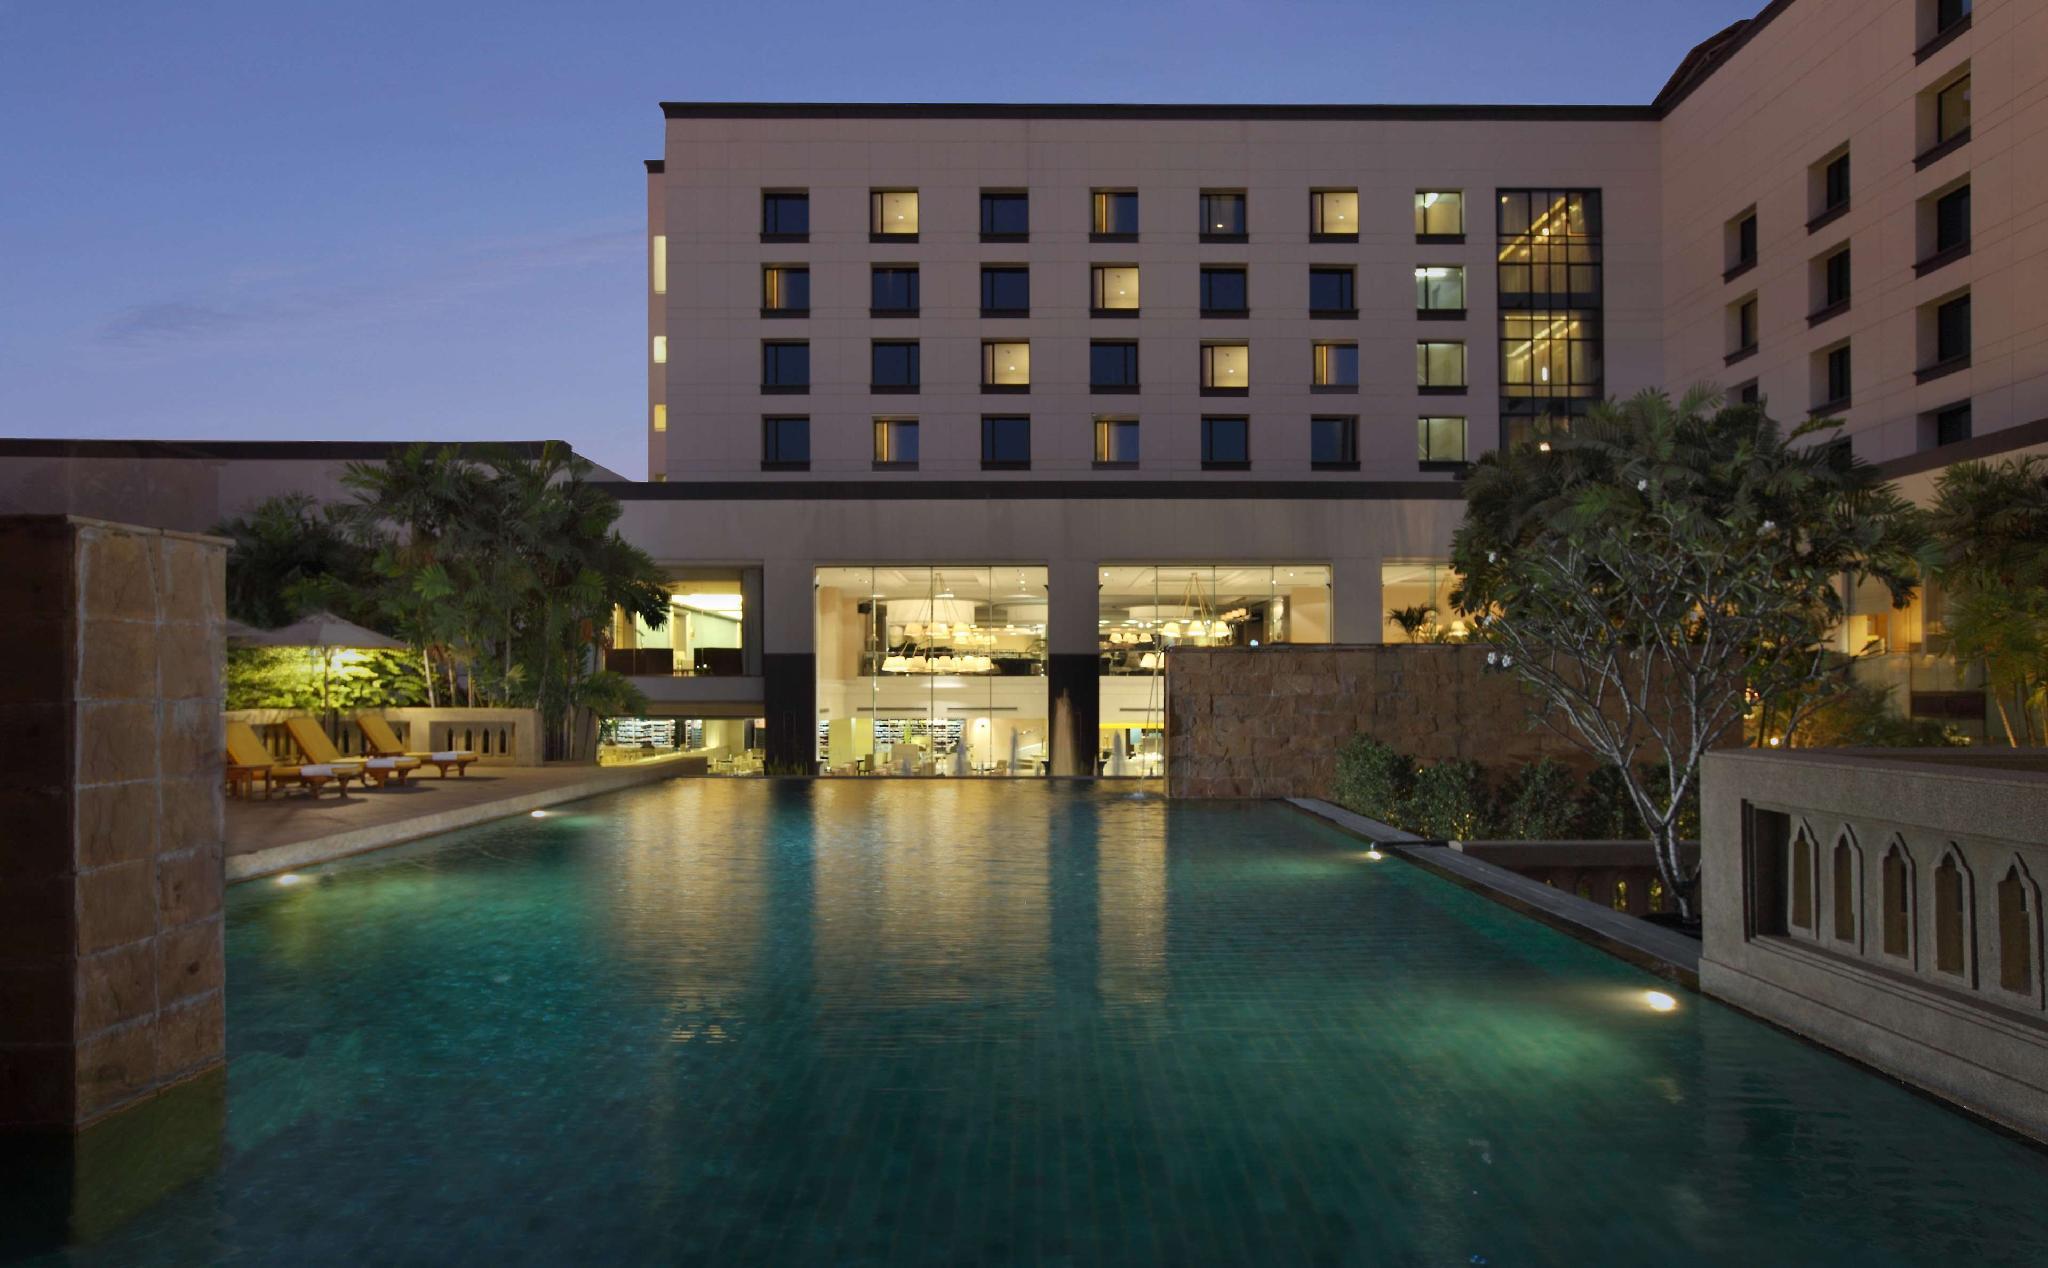 曼谷詩娜卡琳都喜公主飯店 (Dusit Princess Srinakarin Hotel)線上訂房|Agoda.com